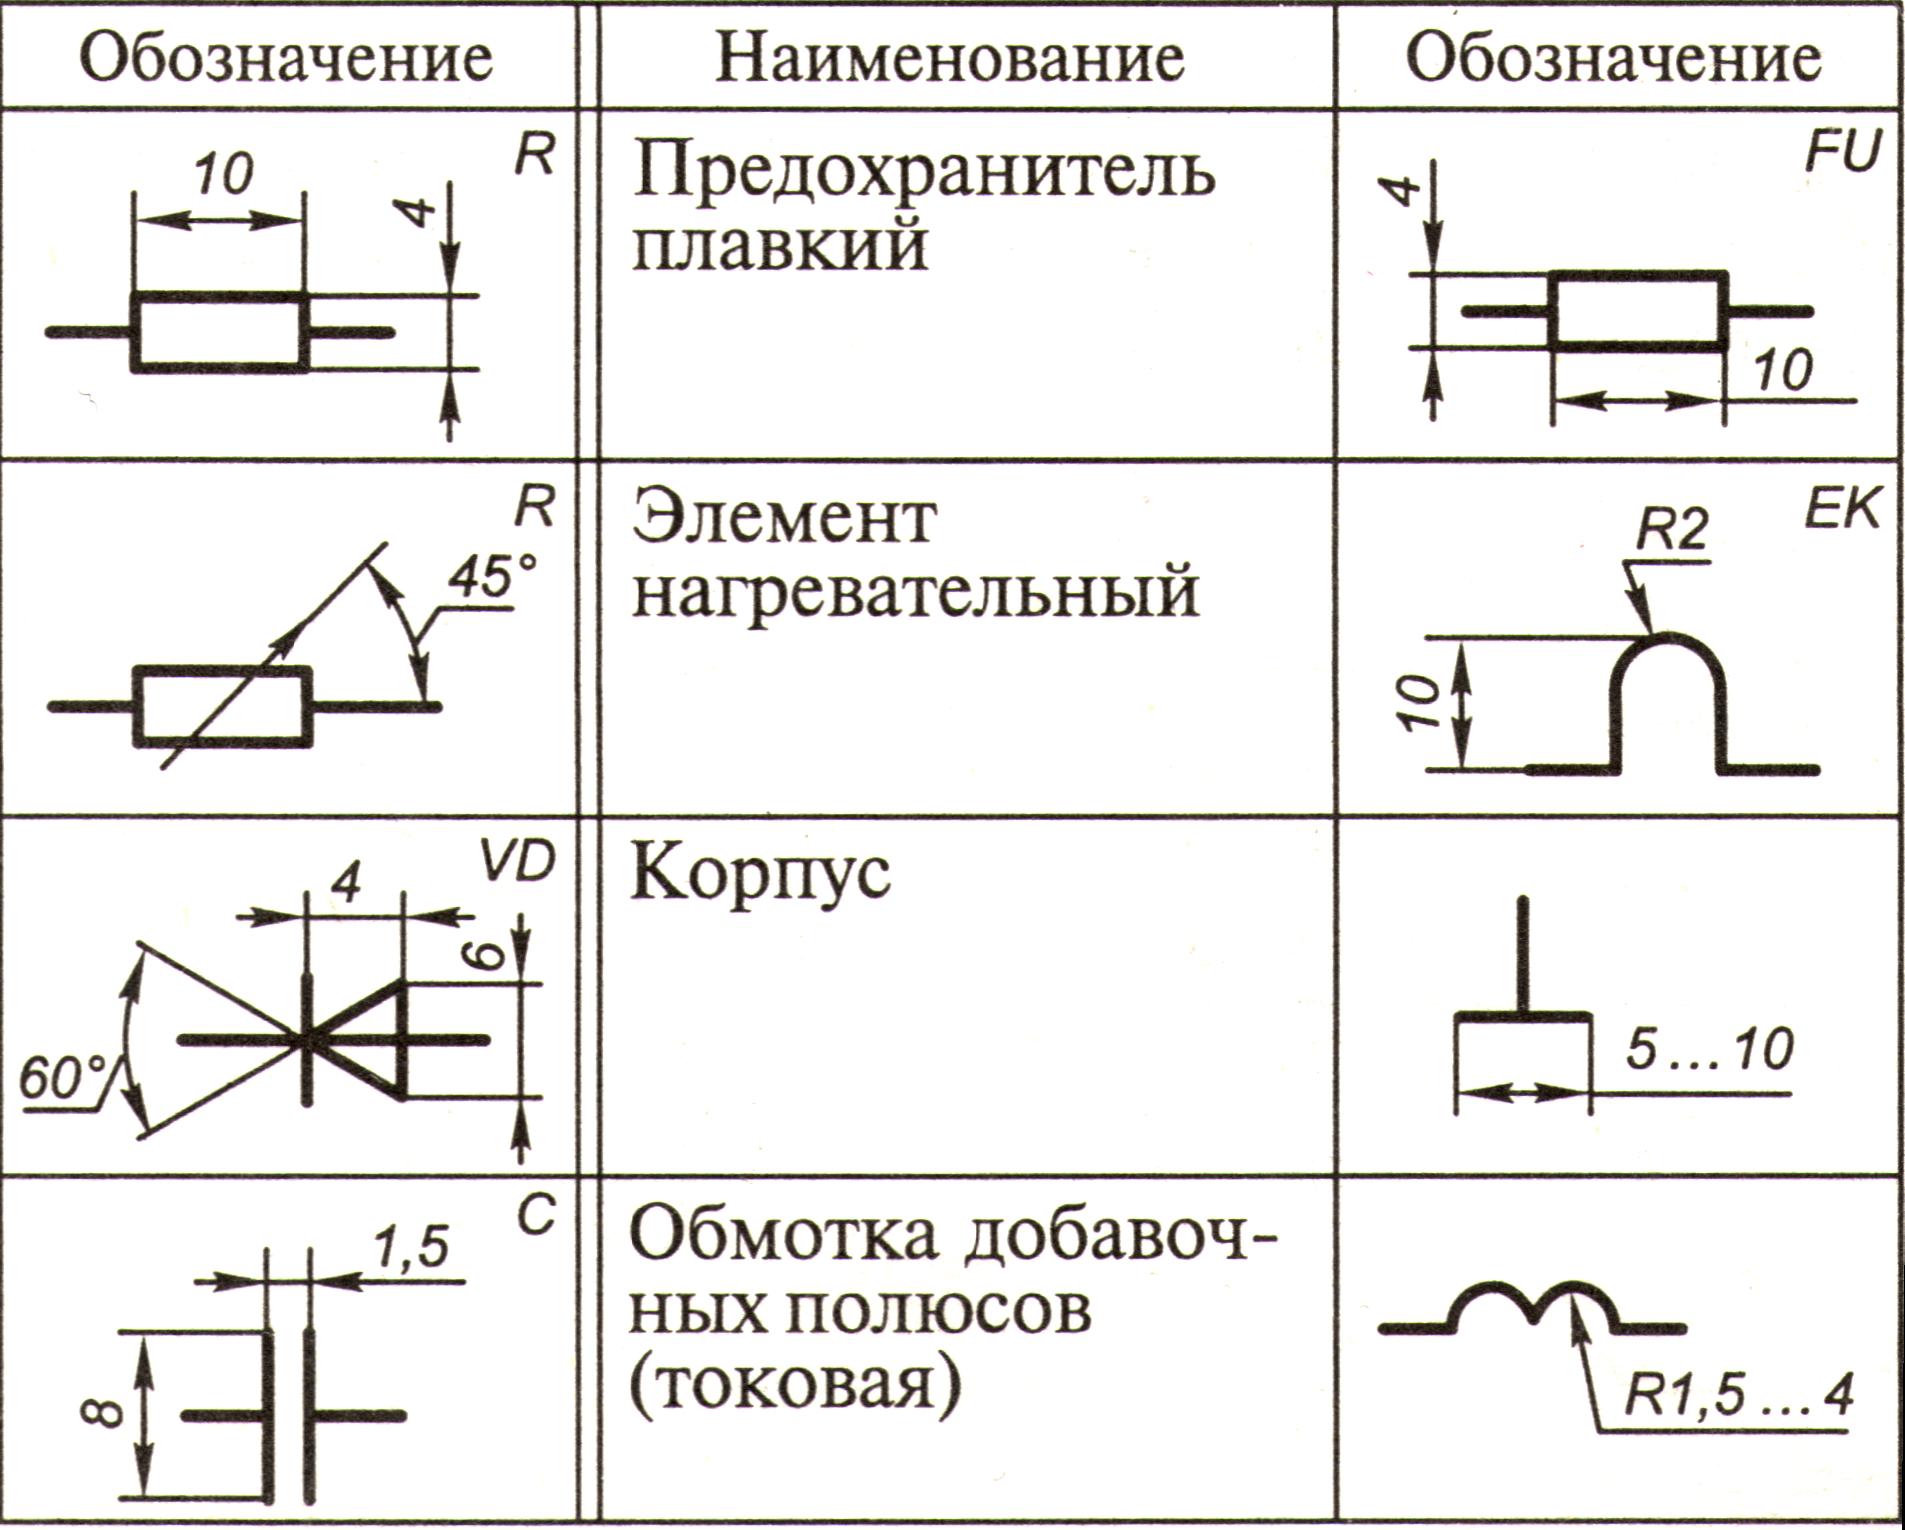 стандарты изображения электрических схем смене клуба